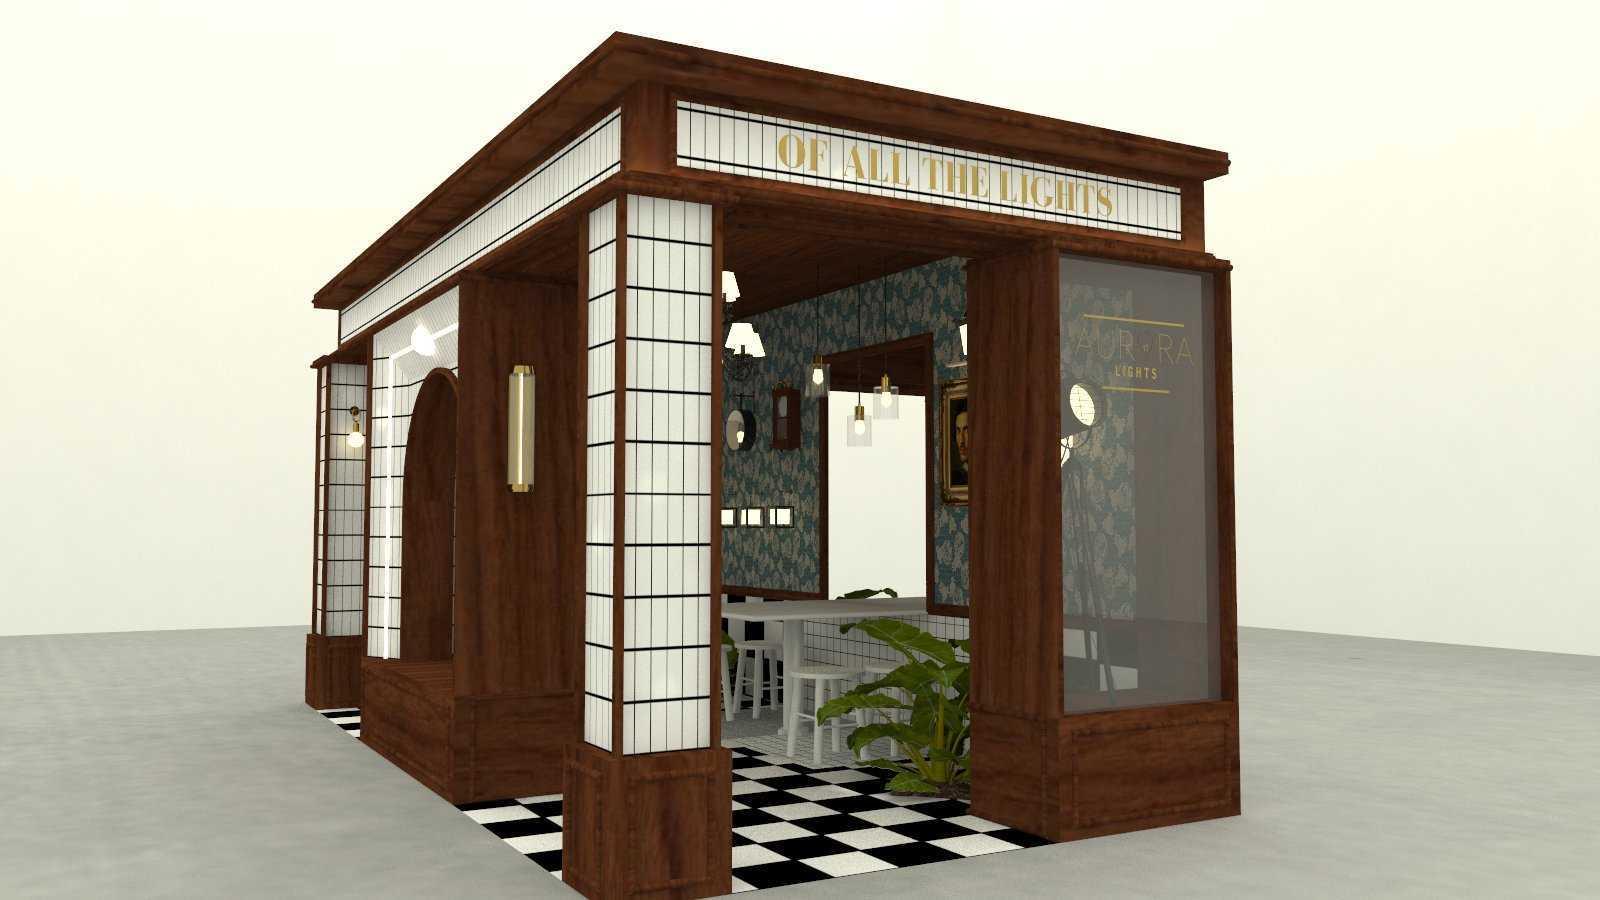 Design Donk Aurora Lights - Booth Jl. Bsd Grand Boulevard Maxwell Raya No.1, Pagedangan, Kec. Pagedangan, Tangerang, Banten 15339, Indonesia Jl. Bsd Grand Boulevard Maxwell Raya No.1, Pagedangan, Kec. Pagedangan, Tangerang, Banten 15339, Indonesia Design-Donk-Aurora-Lights-Booth   99114